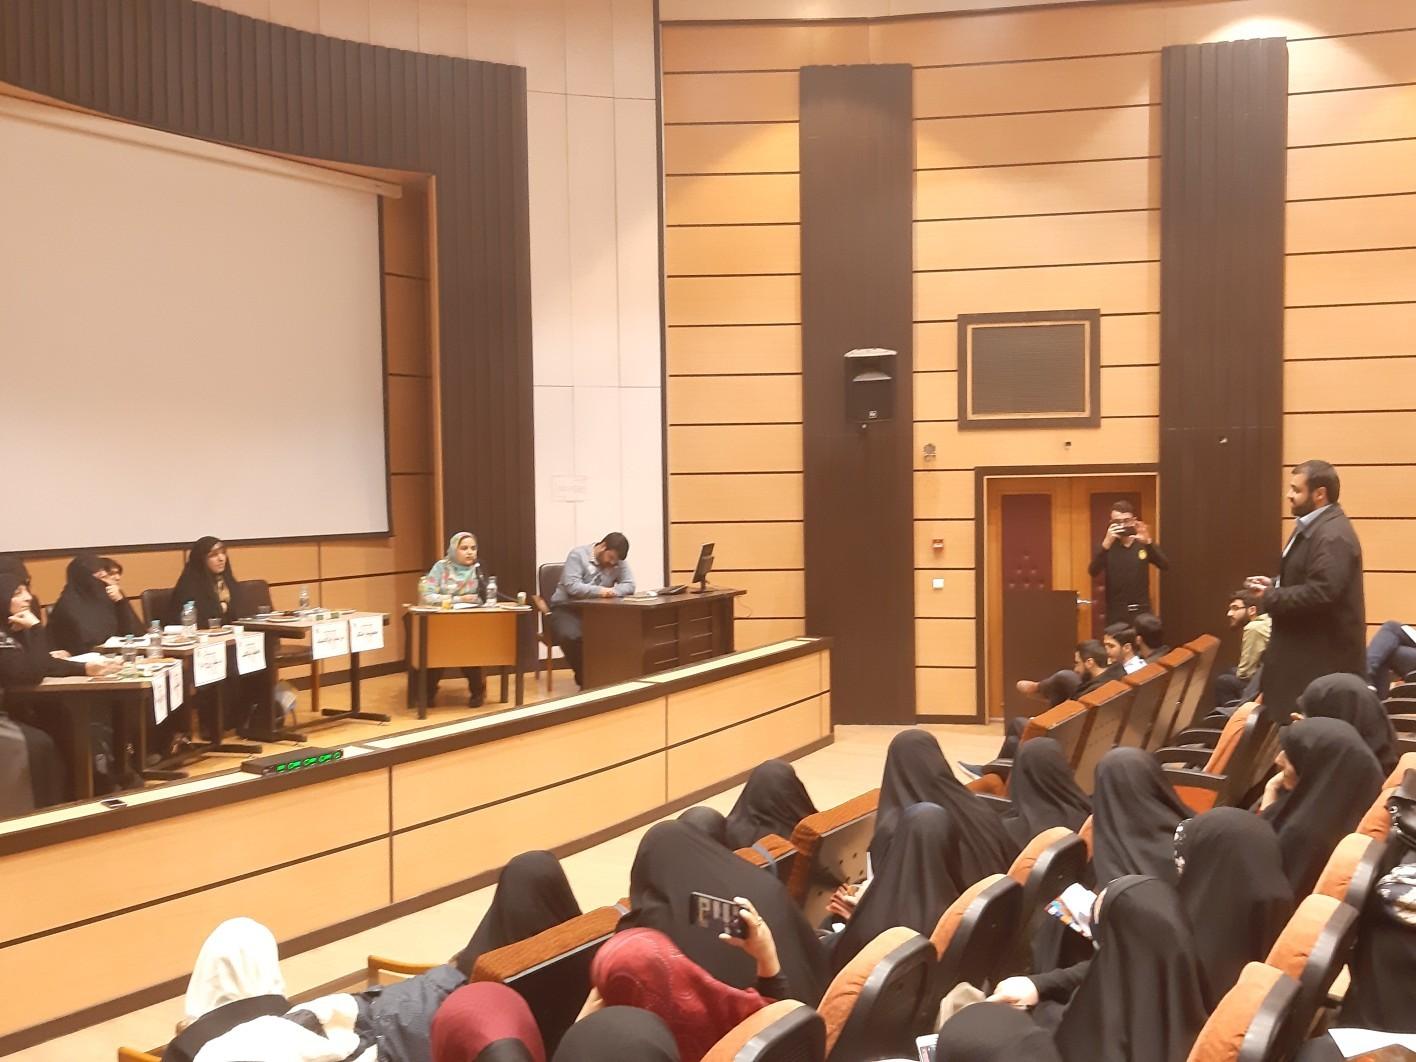 نشست بررسی چالش های قانون و اجرا در حوزه زنان و خانواده۱